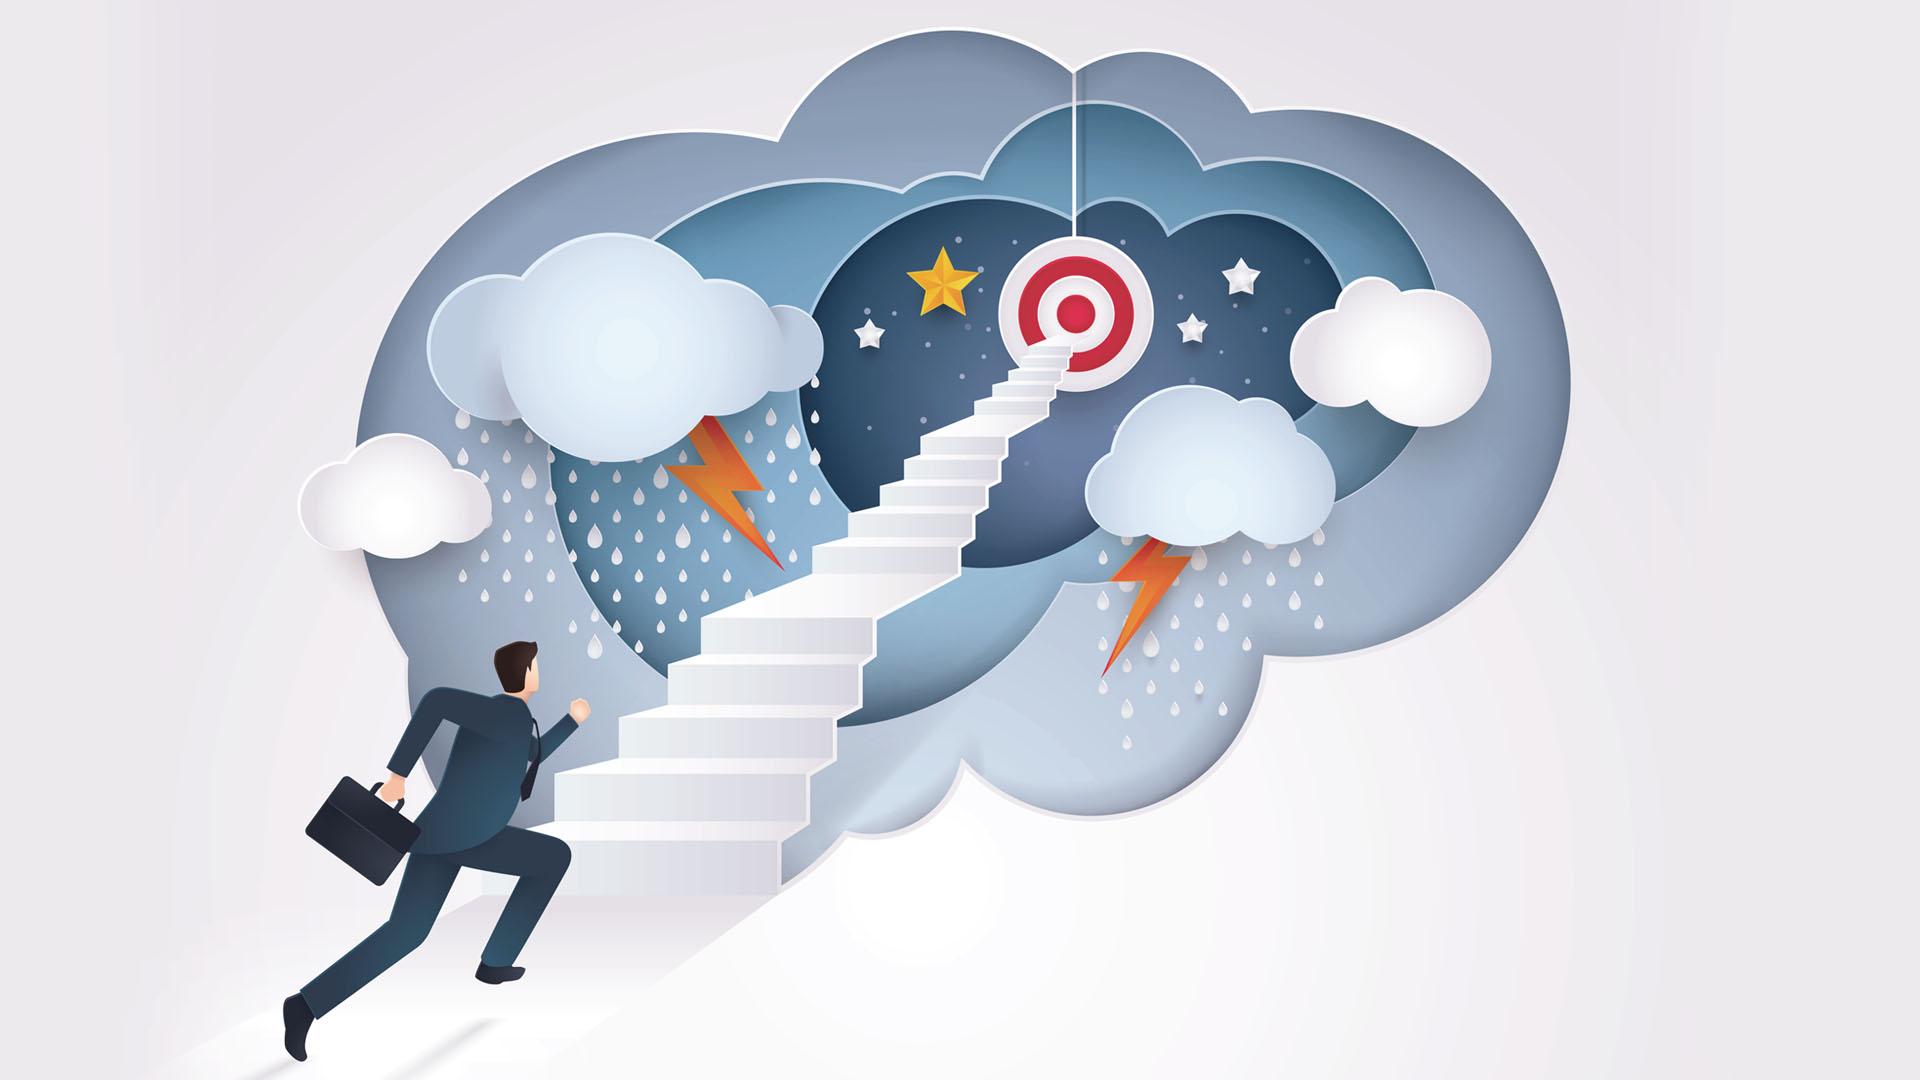 Empreendedorismo: como montar um negócio e sobreviver ao mercado  [Guia passo a passo]